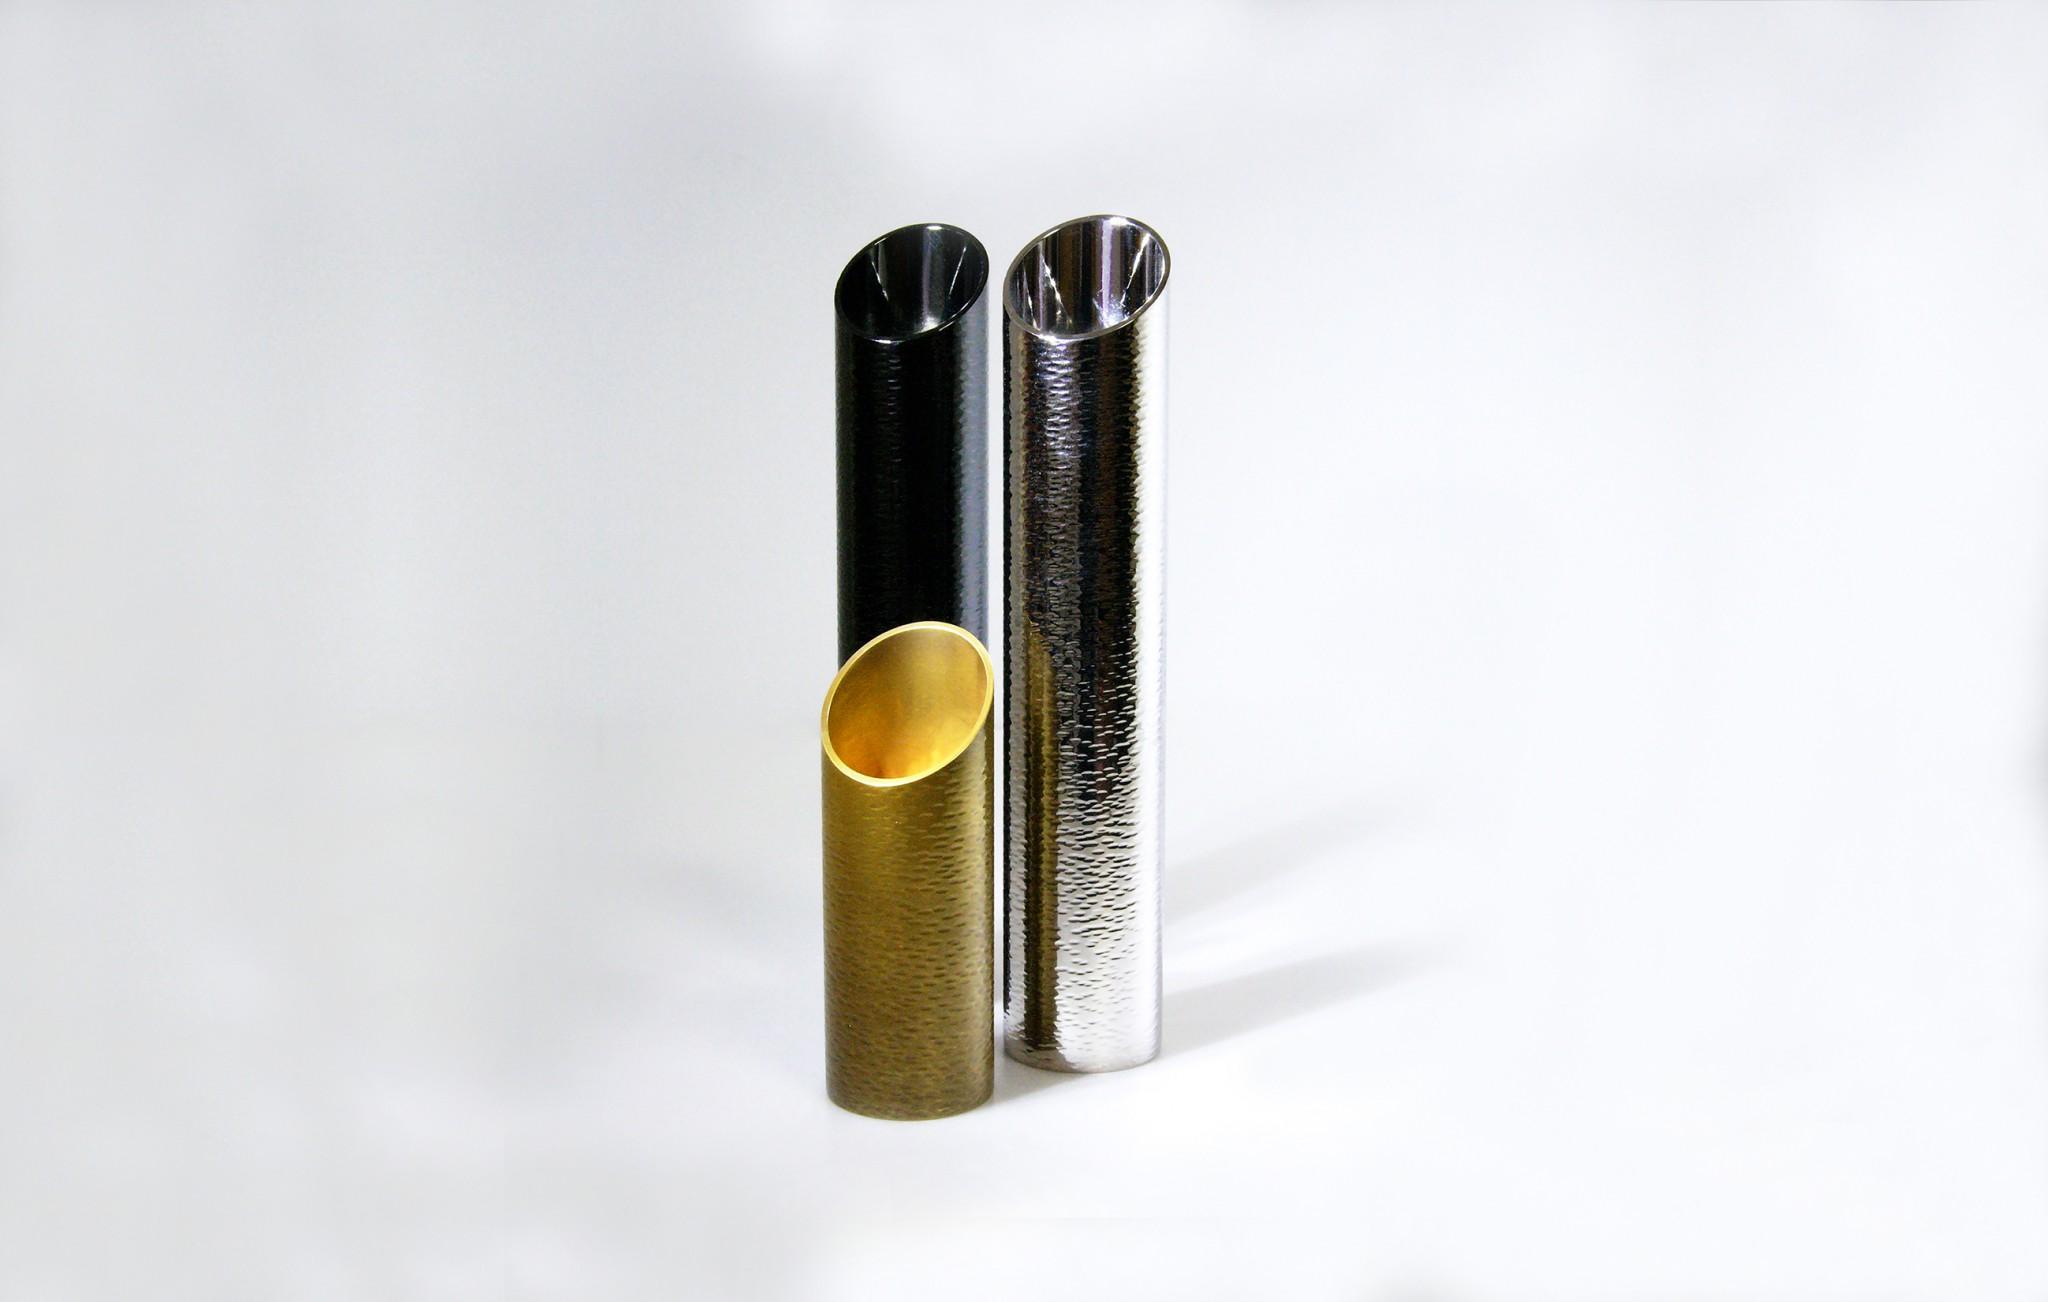 真鍮製 / ロジウムめっき、黒ニッケルめっきの他、金めっき古色仕上